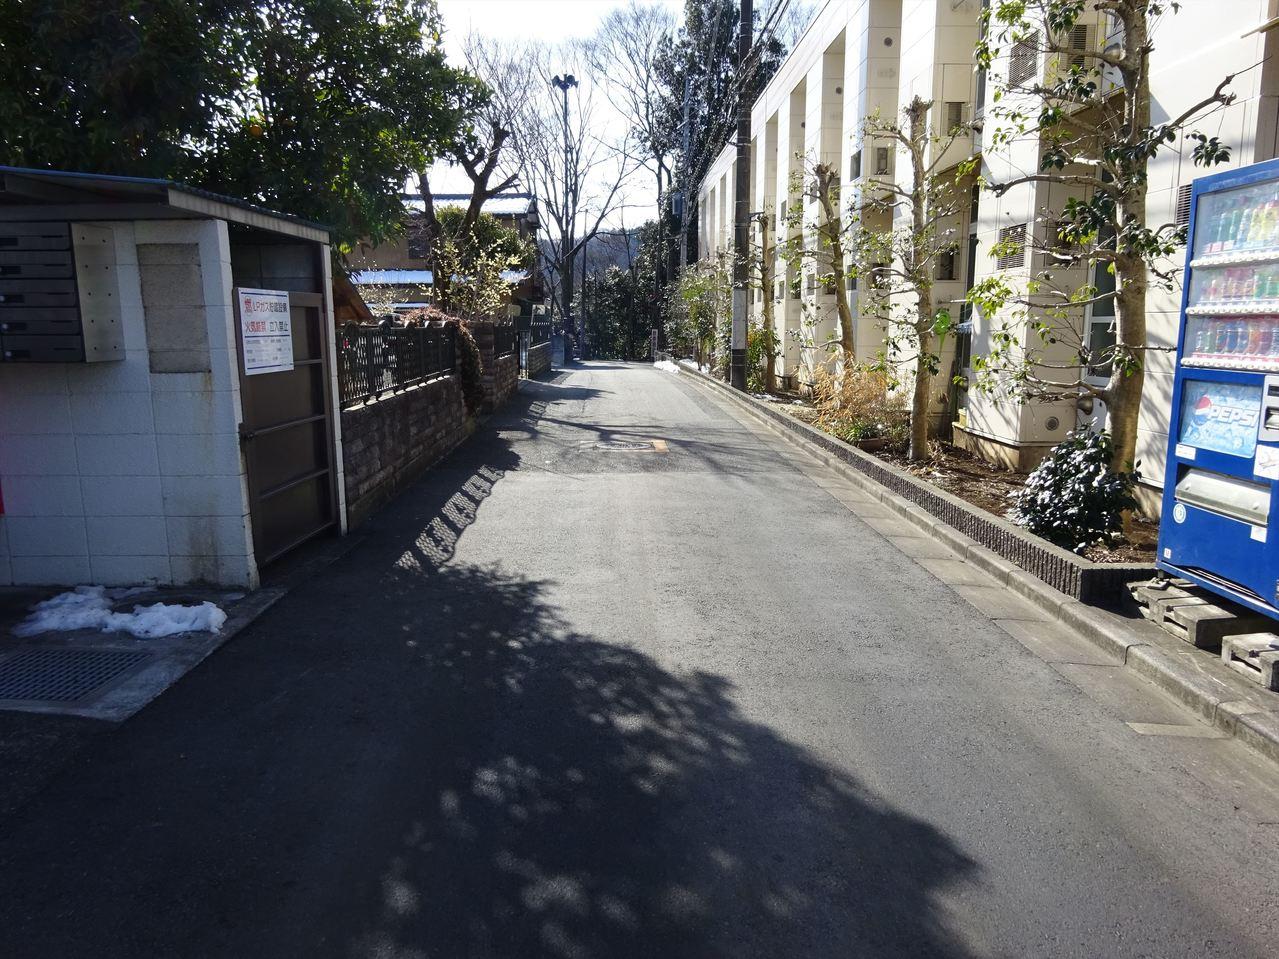 十分な広さはありますが車通り は少ない道路です